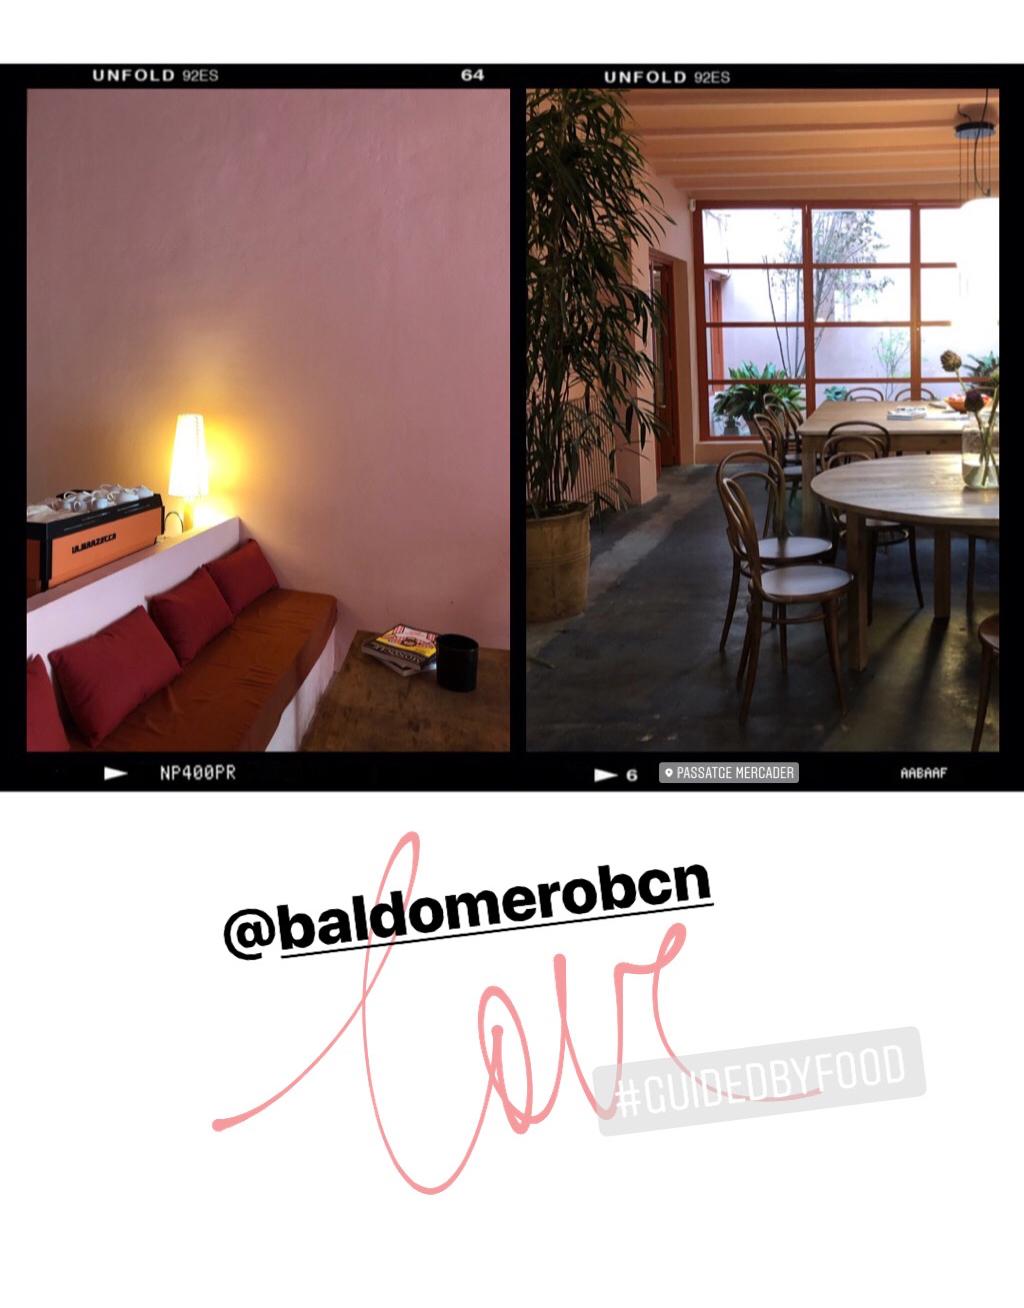 baldomero-barcelona-guidedbyfood-barbarajacops.jpg